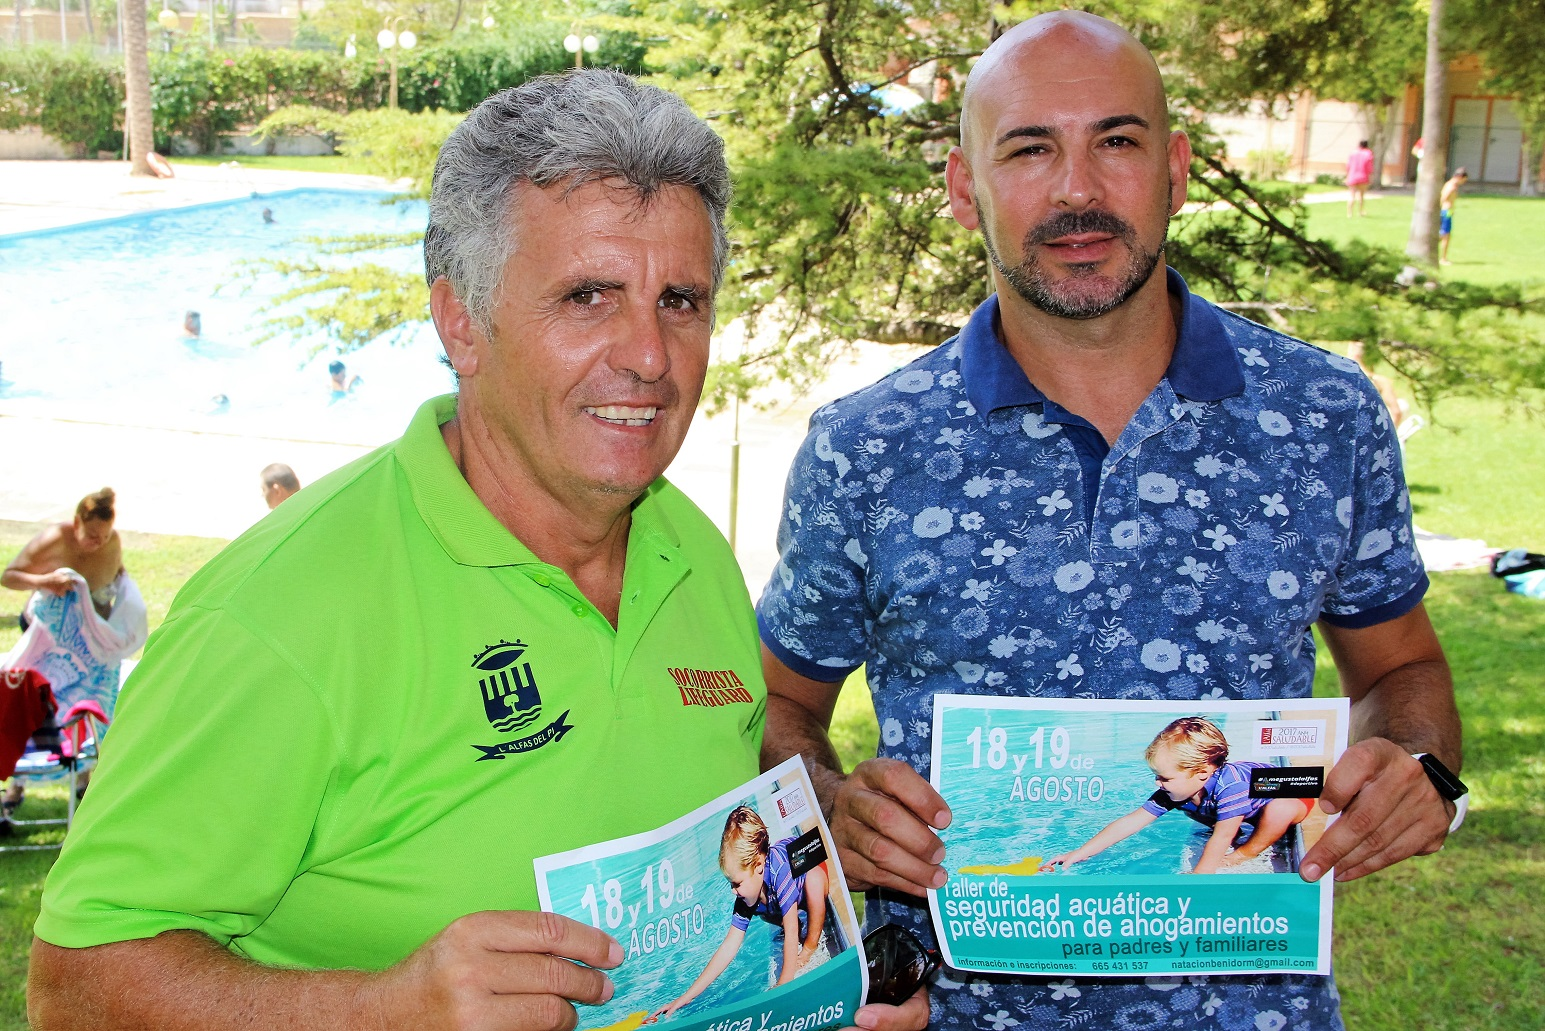 La concejalía de deportes organiza un curso de seguridad acuática dirigido a padres , para evitar incidentes en playas y piscinas.